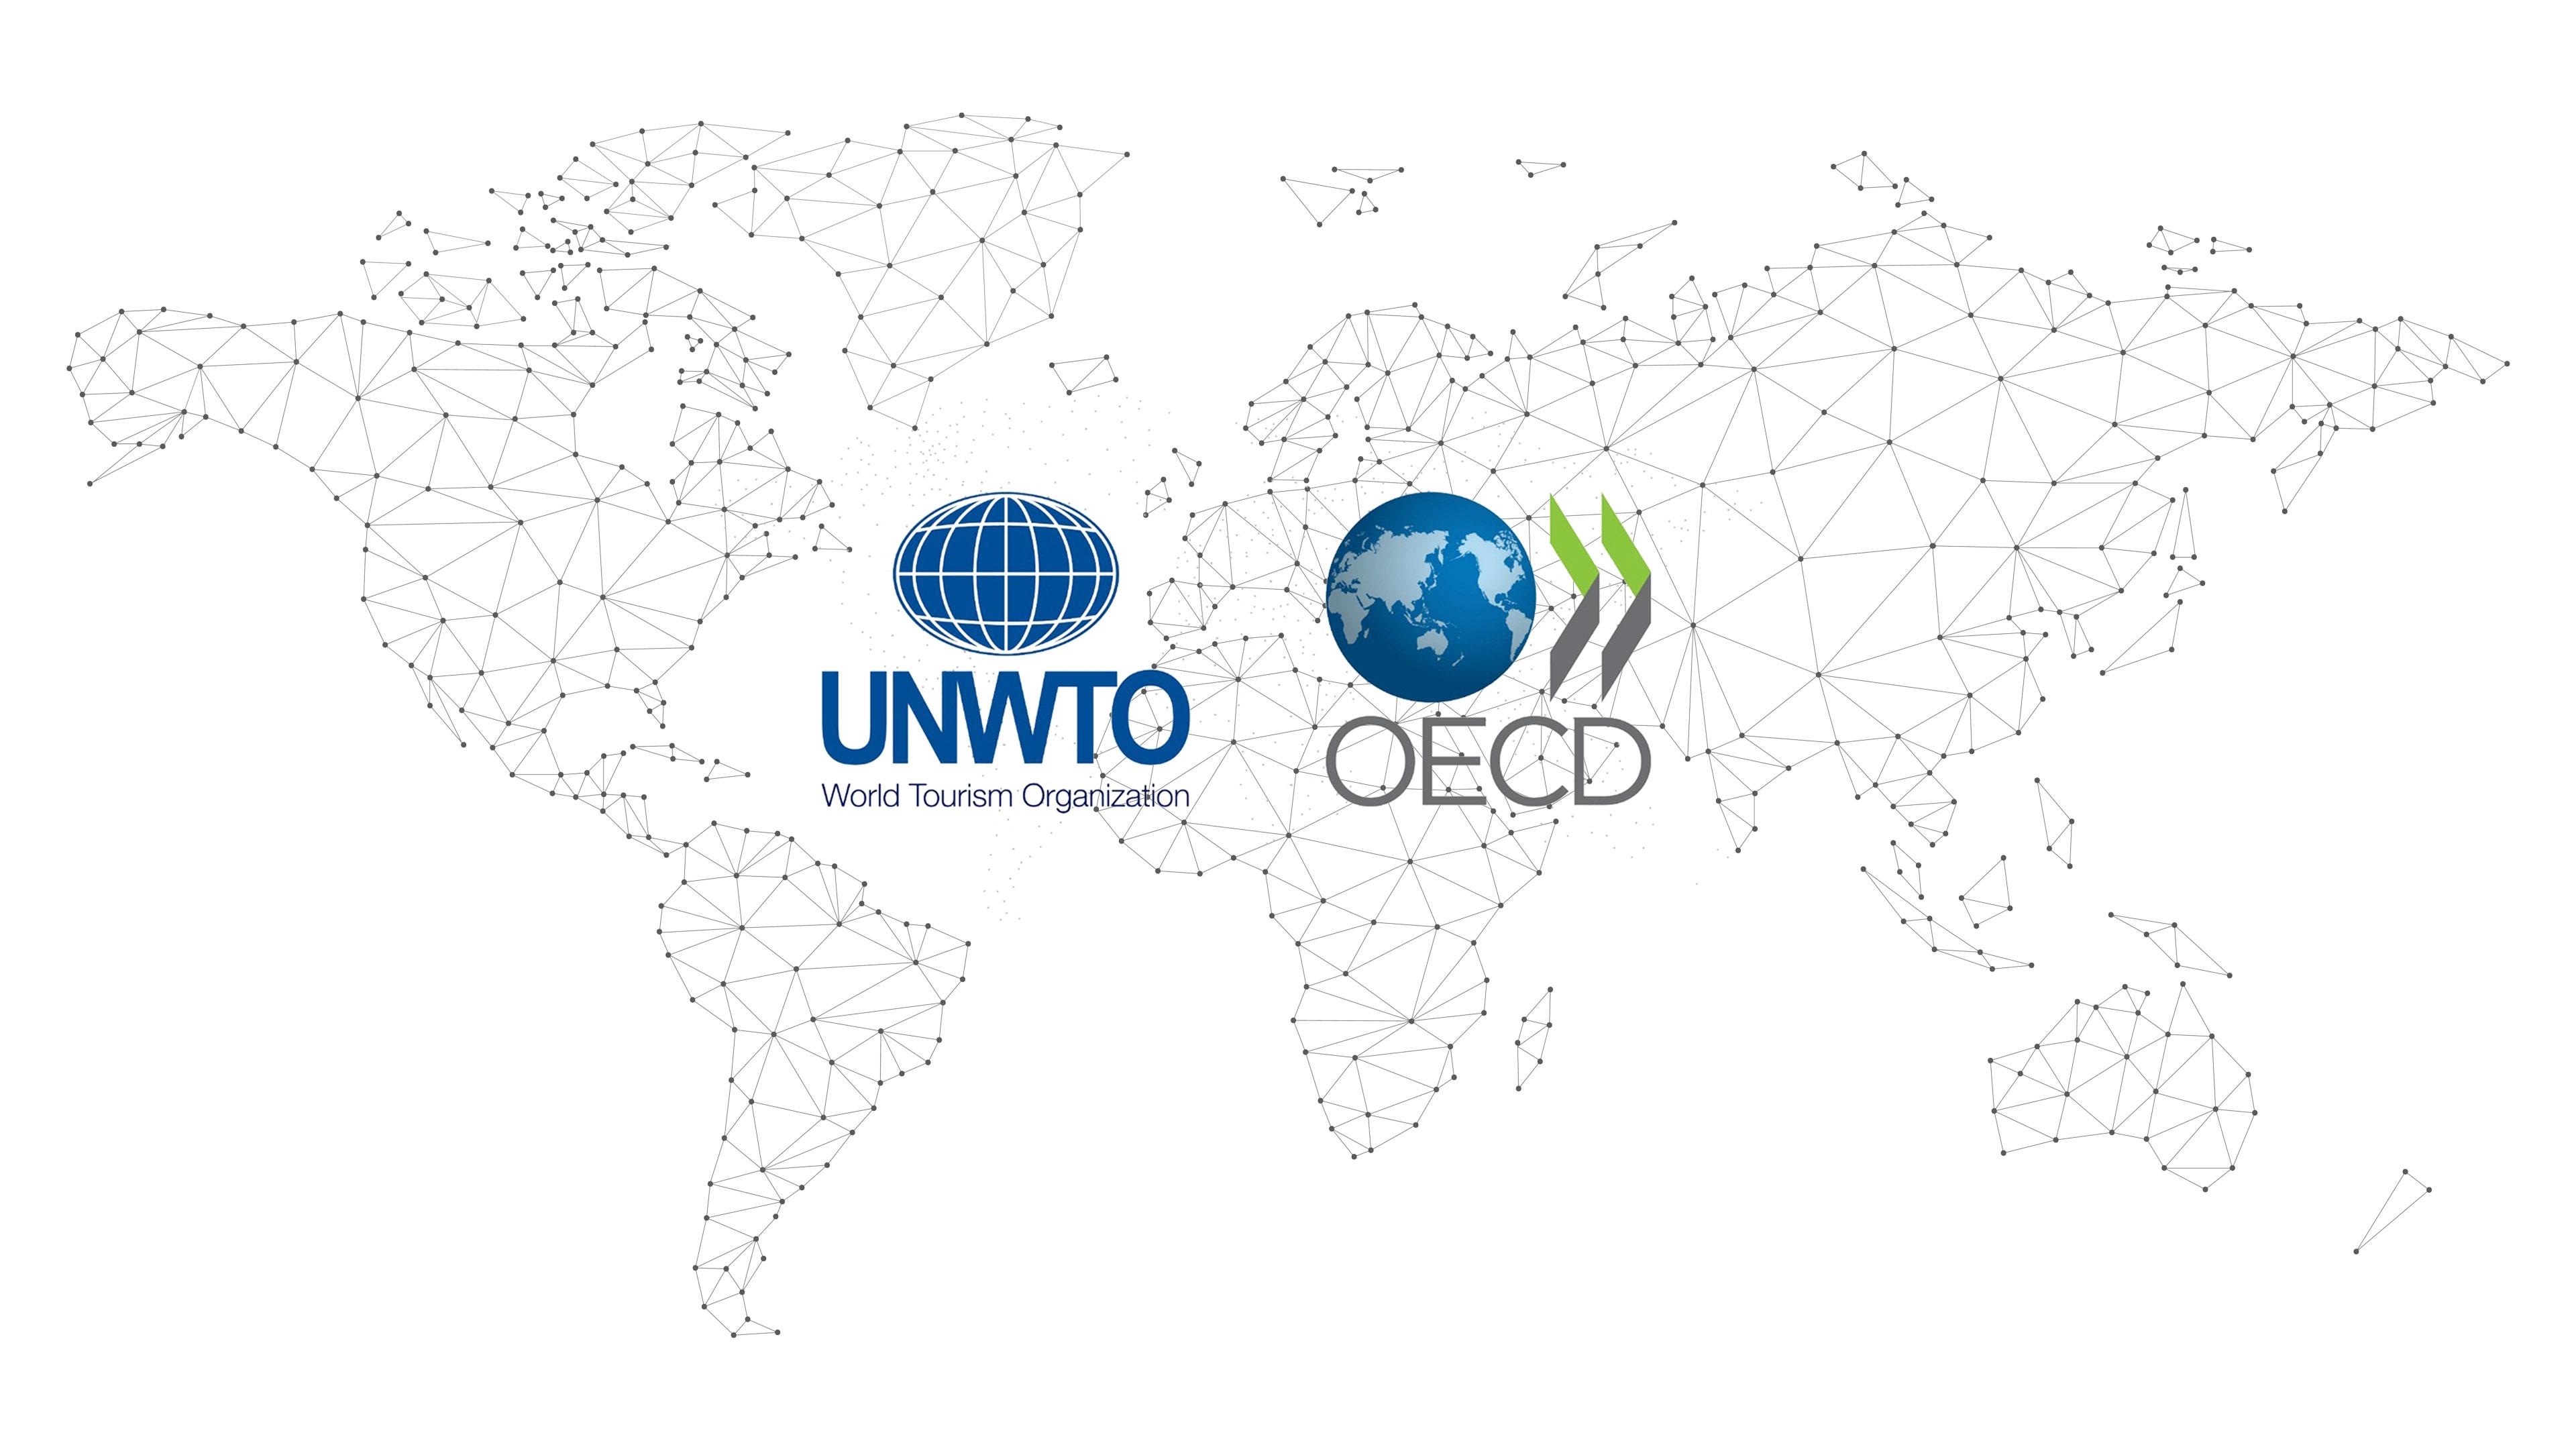 Renforcer le soutien et la coordination pour une reprise sûre et durable du tourisme